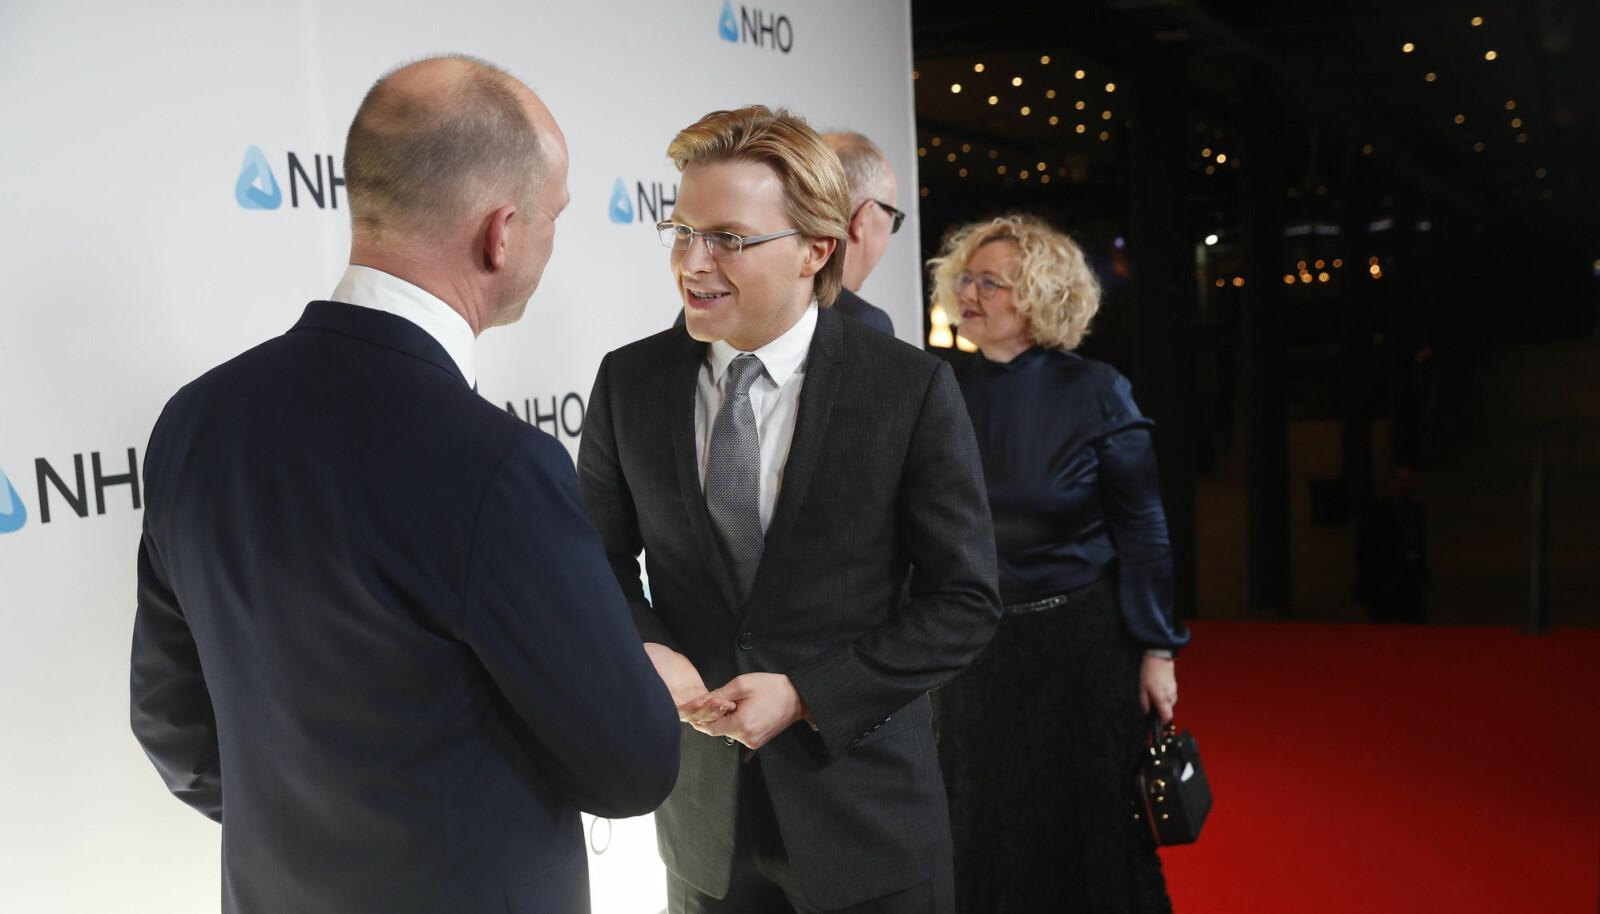 Ronan Farrow hilser på NHO-sjef Ole Erik Almlid. Foto: Cornelius Poppe / NTB scanpix